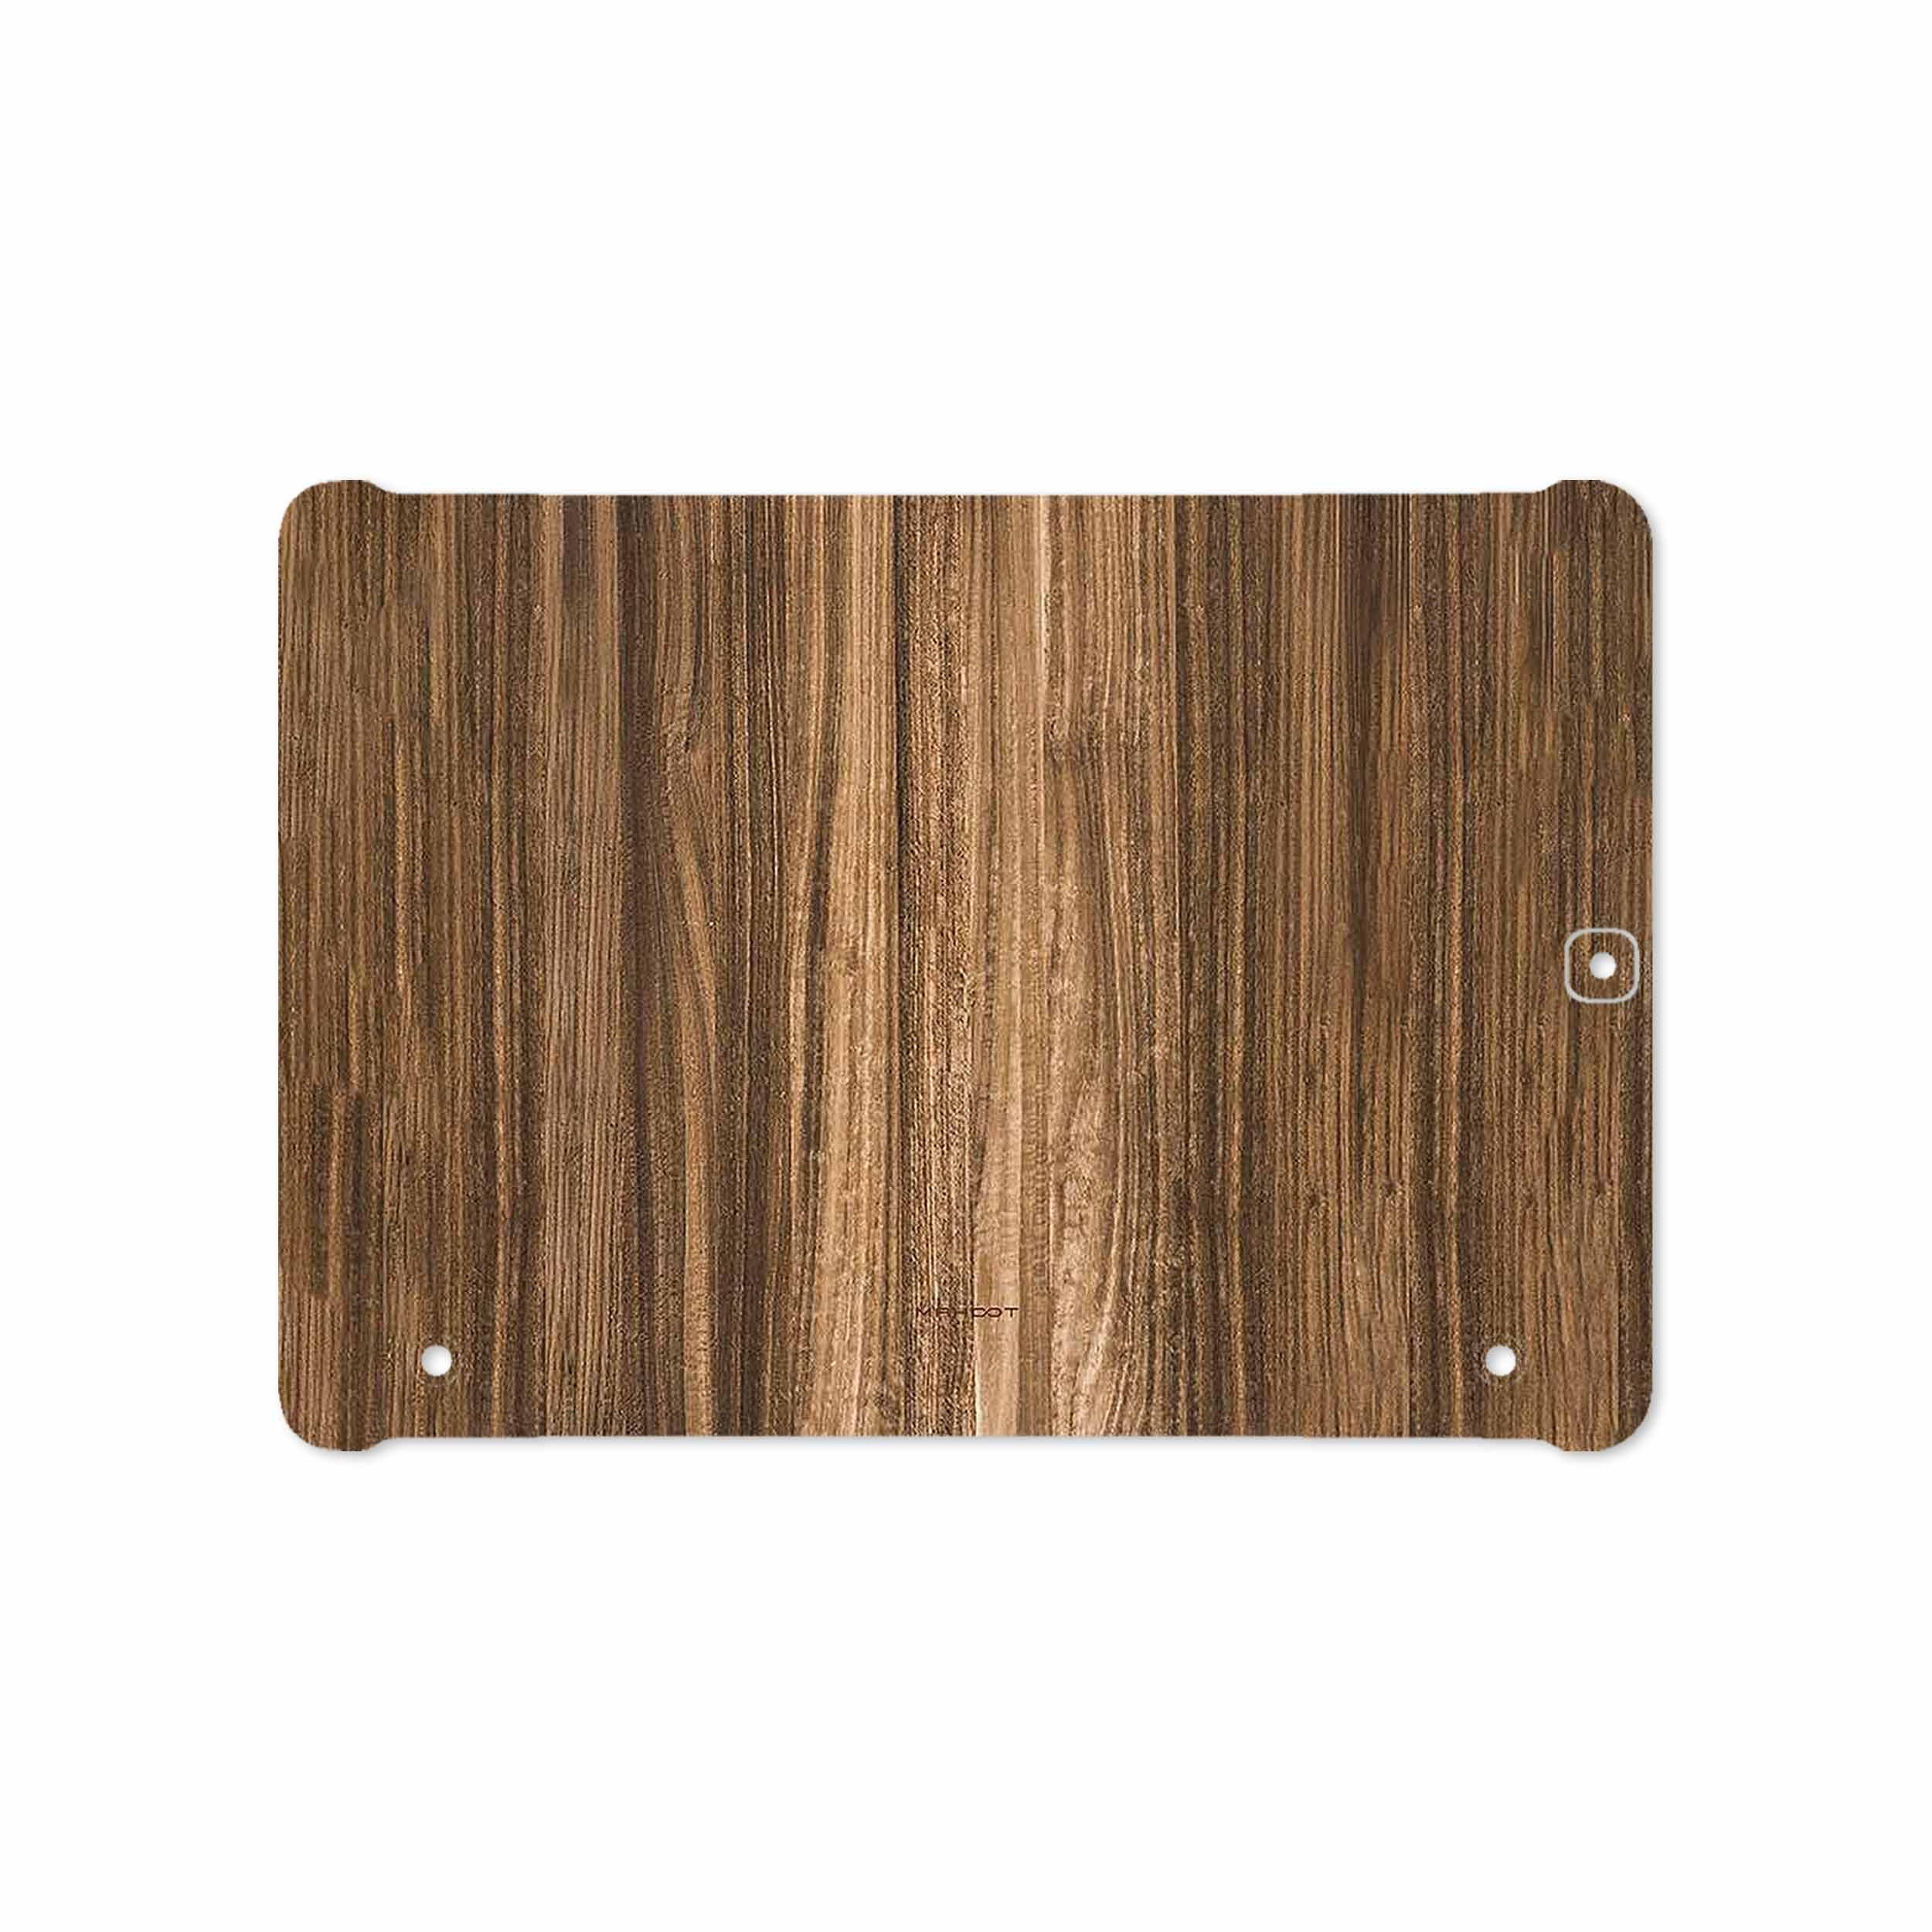 بررسی و خرید [با تخفیف]                                     برچسب پوششی ماهوت مدل Light Walnut Wood مناسب برای تبلت سامسونگ Galaxy Tab S2 9.7 2015 T810                             اورجینال